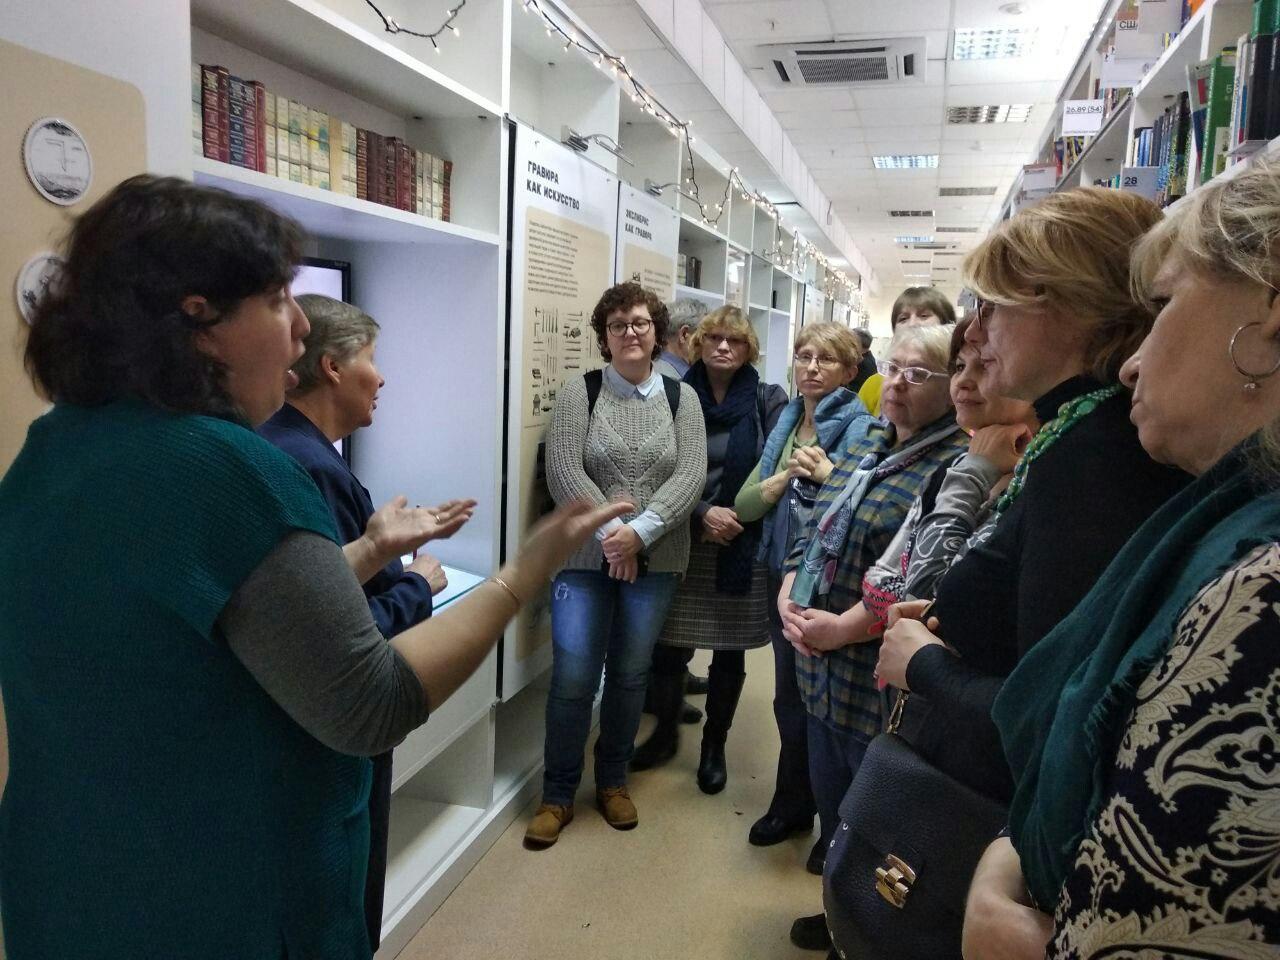 Экскурсию для глухих провели в библиотеке имени Некрасова. Фото: пресс-служба библиотеки имени Некрасова